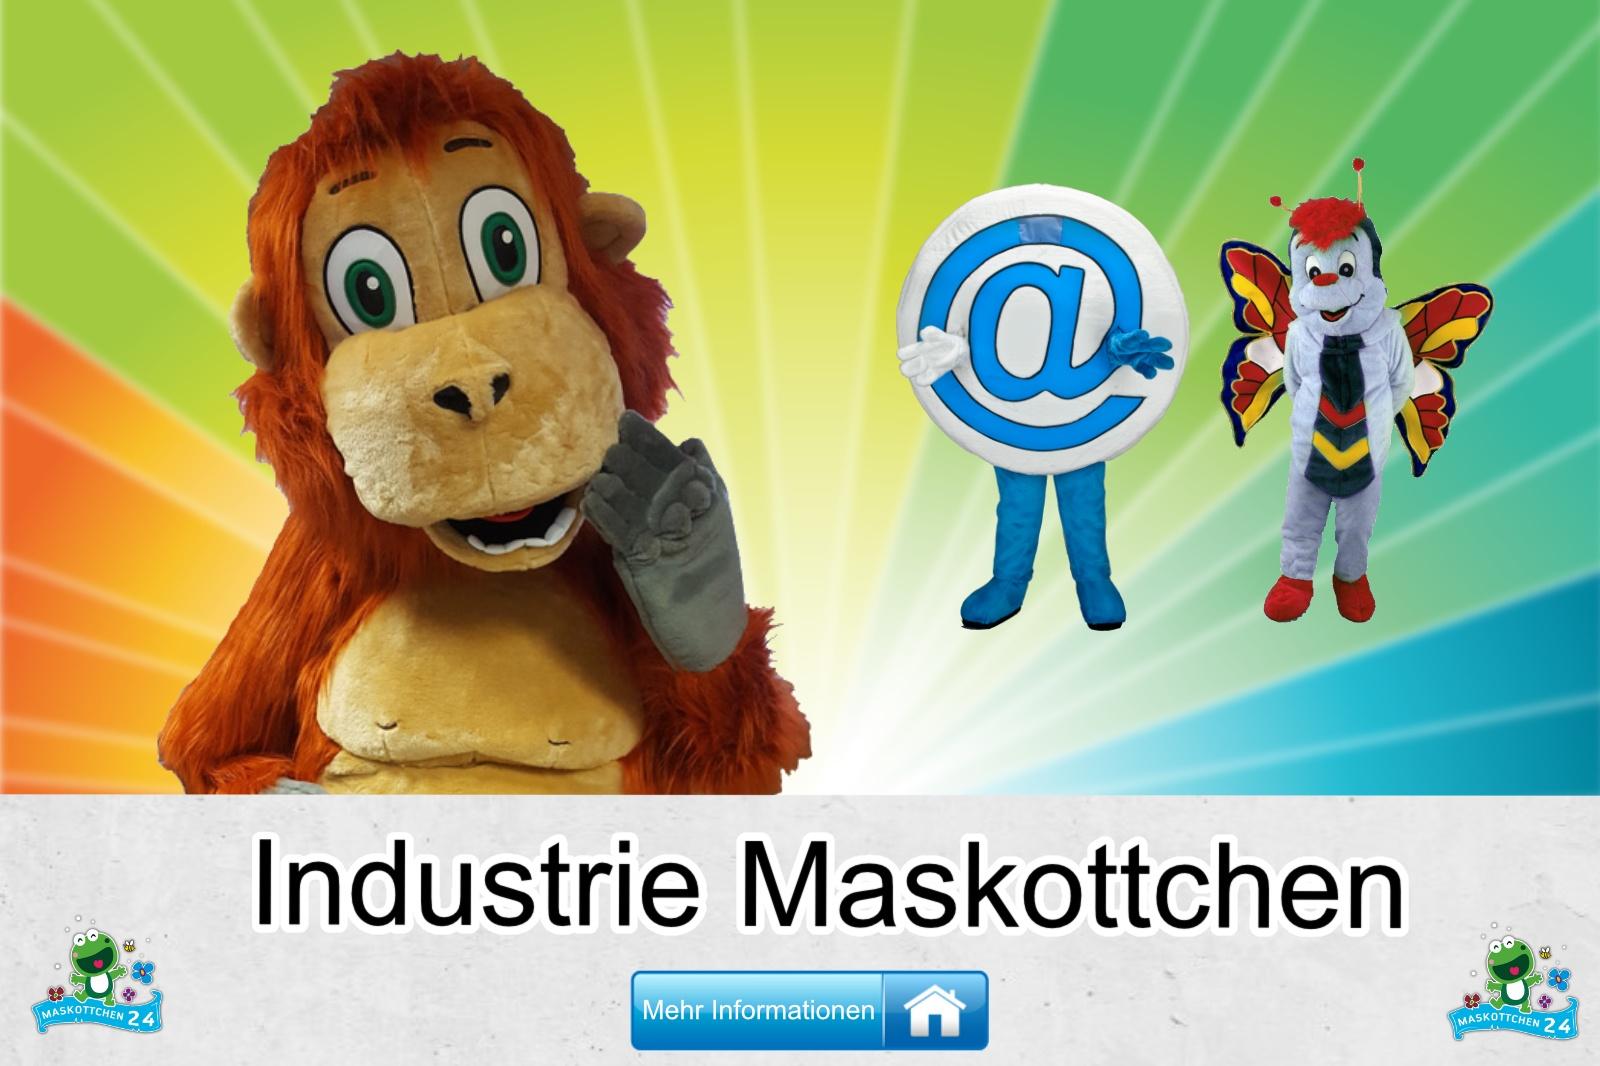 Industrie Maskottchen Kostüm kaufen, günstige Produktion / Herstellung